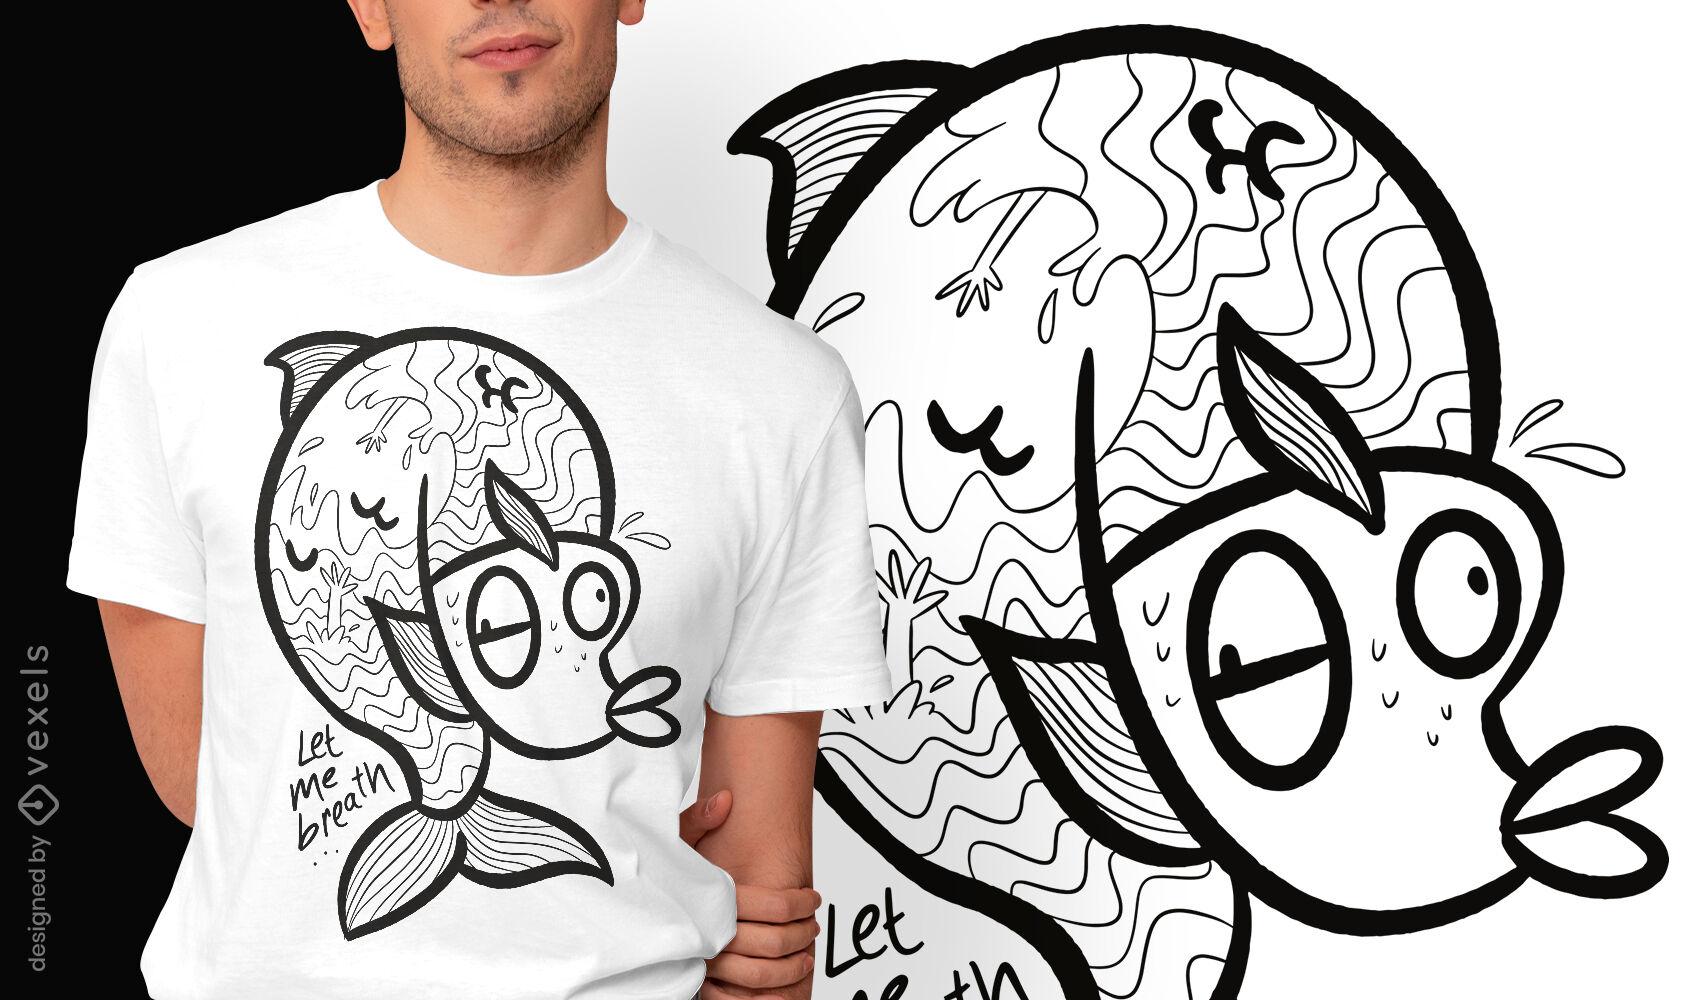 Afogando-se no design de camisetas de peixes